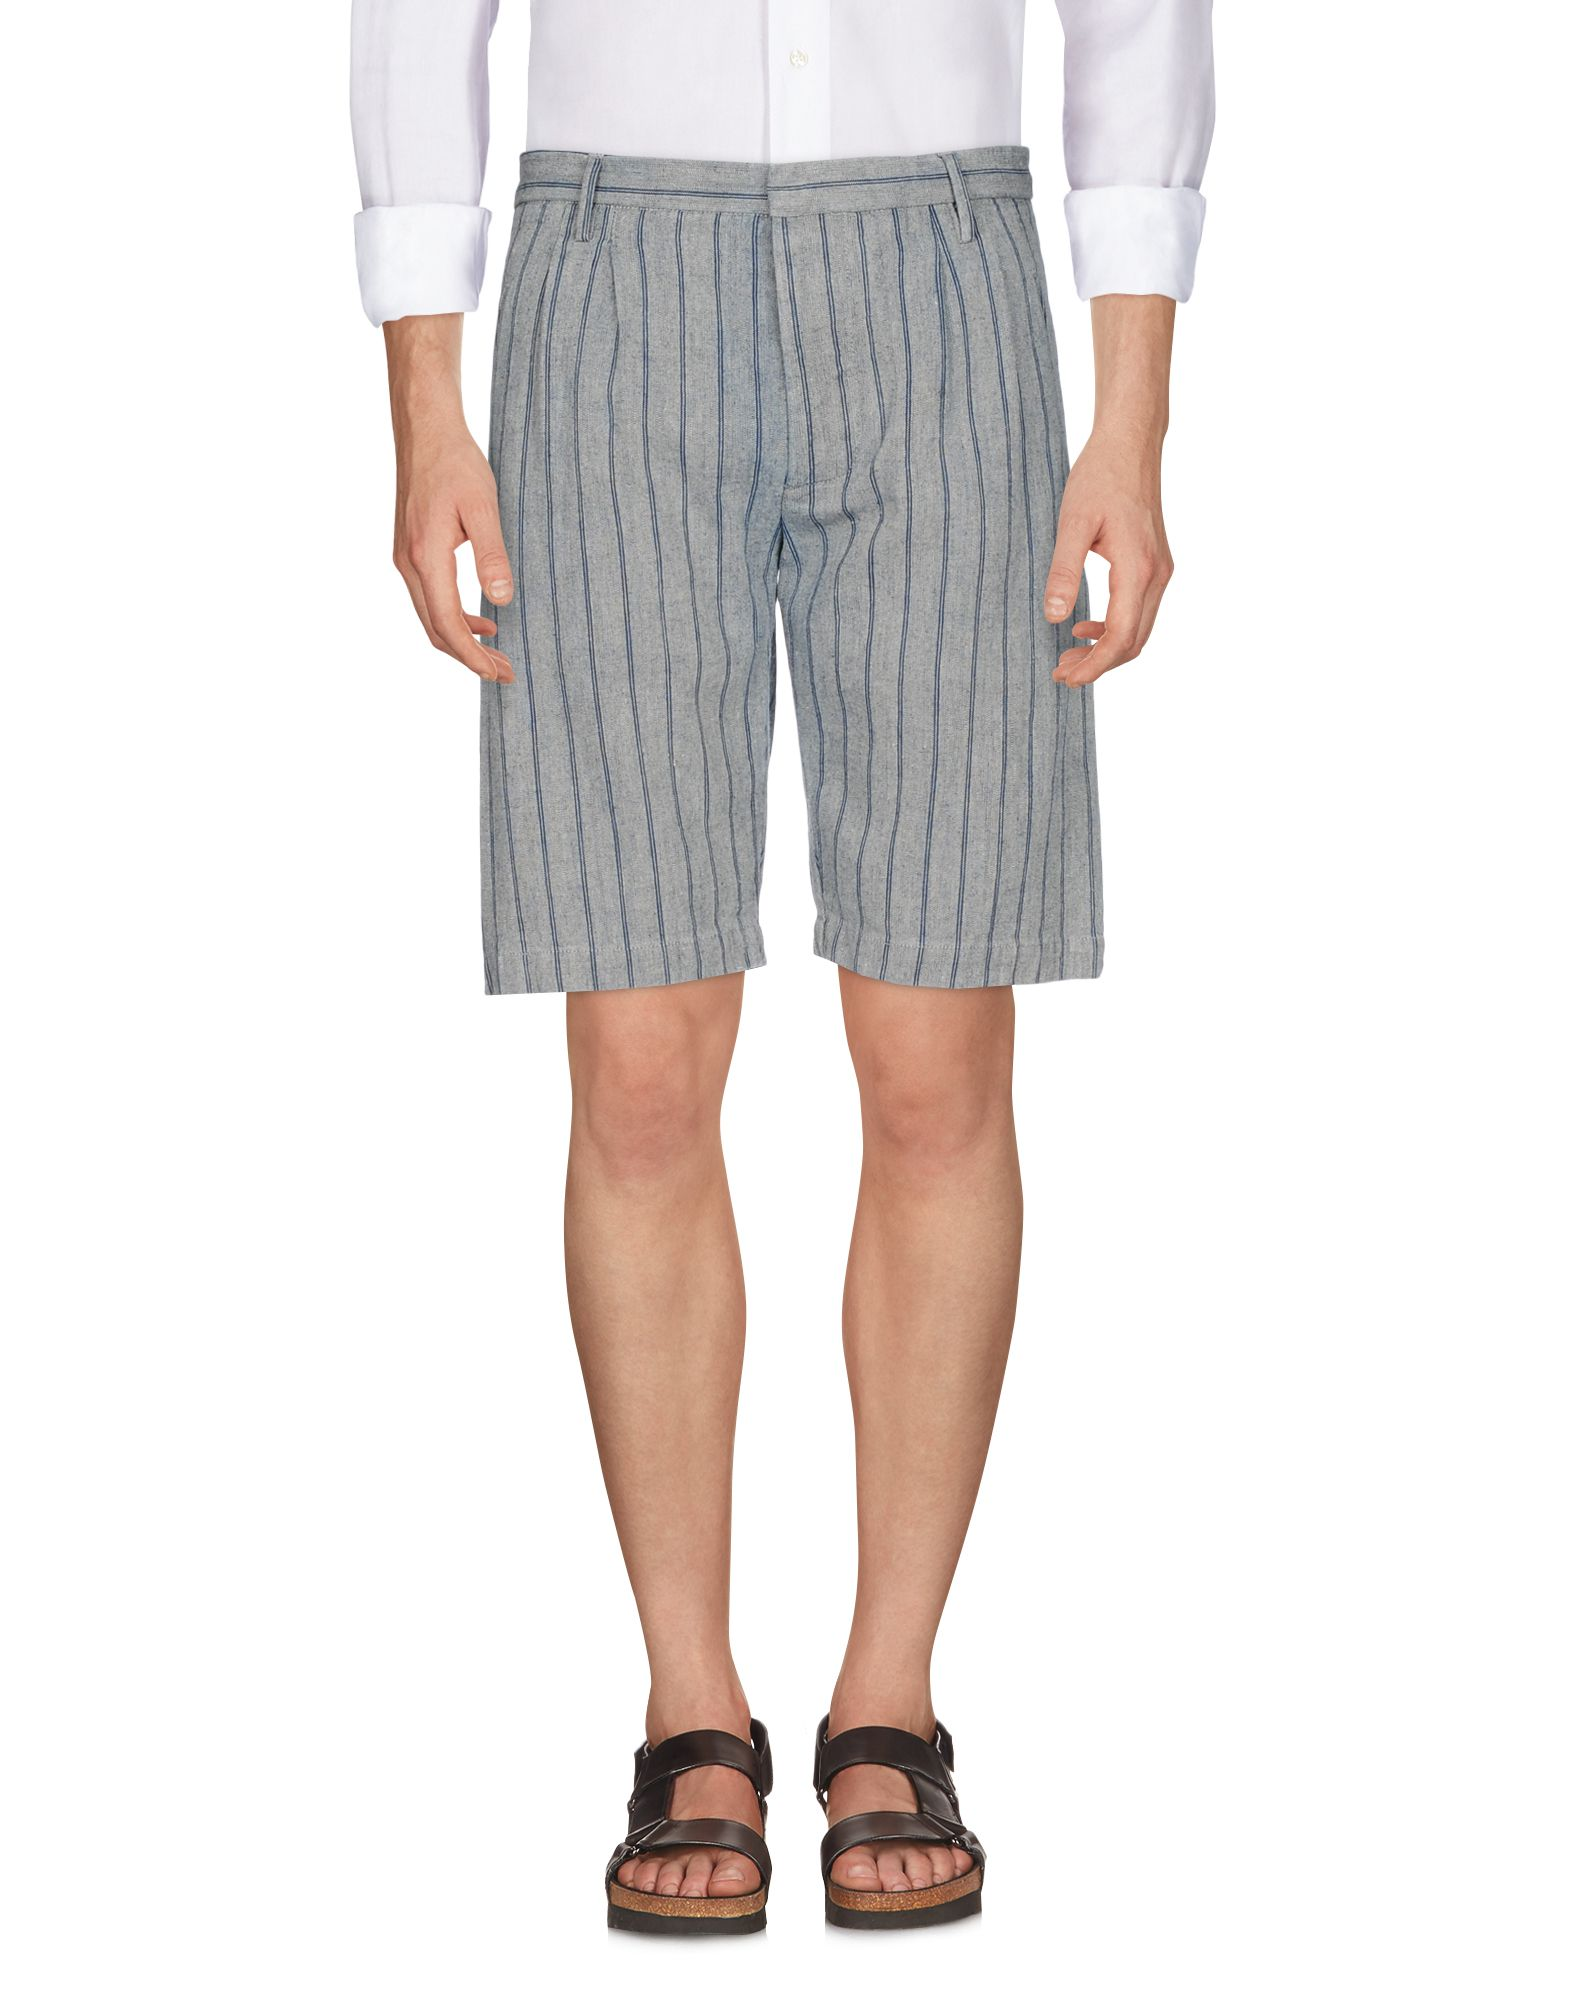 Shorts (+) People Uomo - Acquista online su